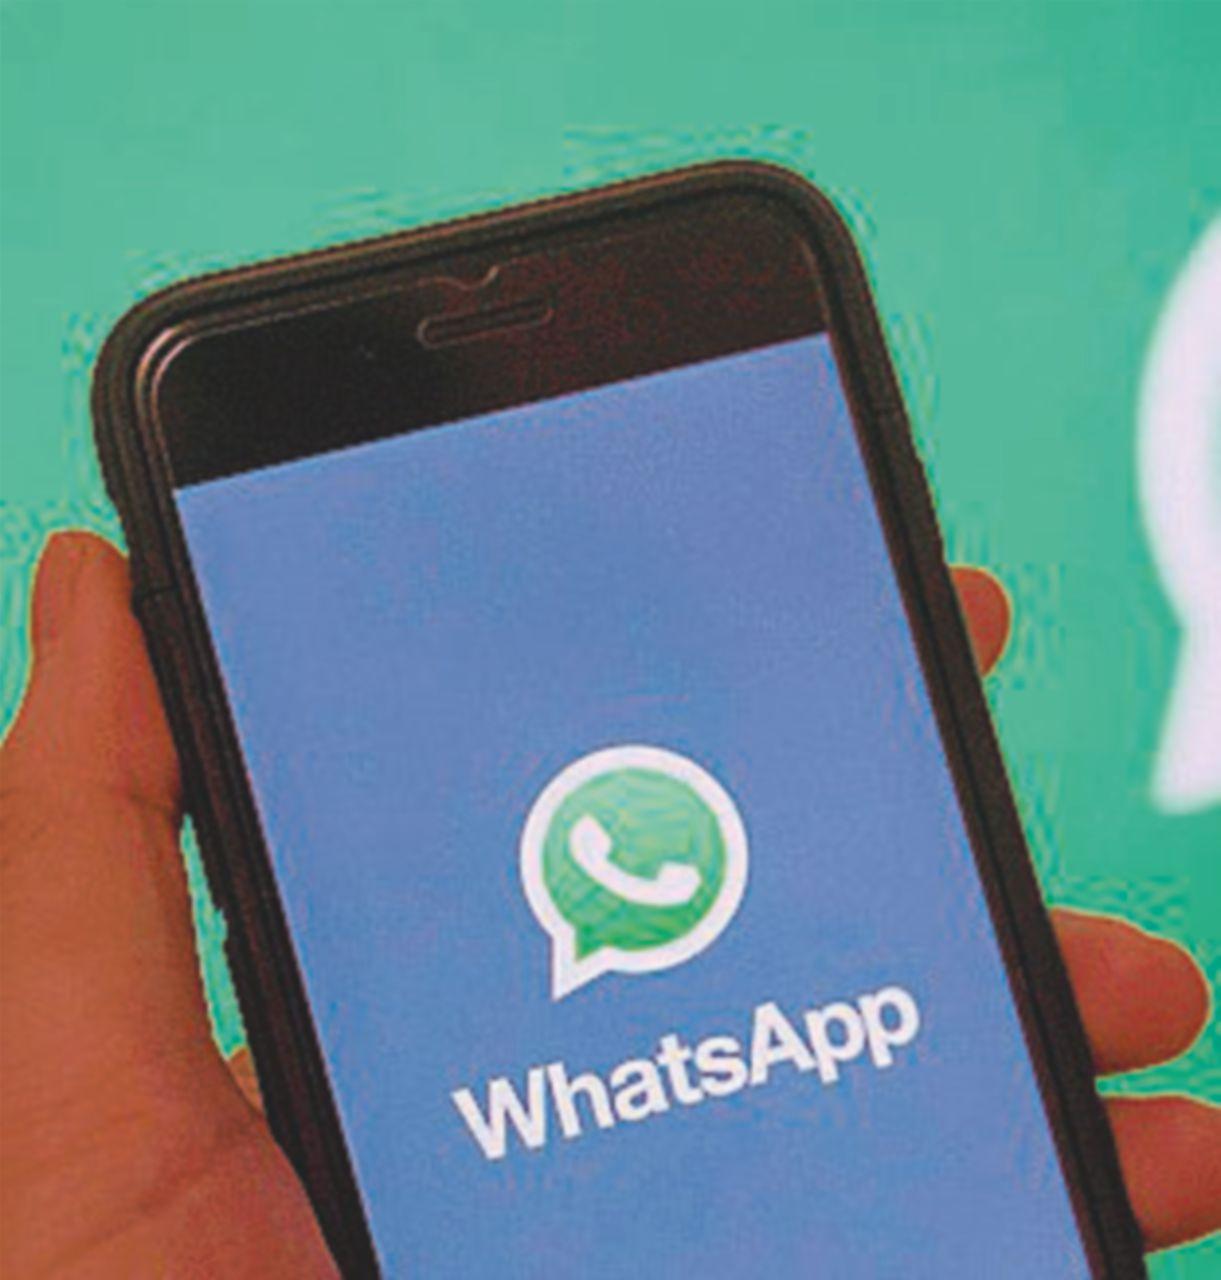 Hacker o sorveglianza di massa: la falla di WhatsApp senza mandanti chiari